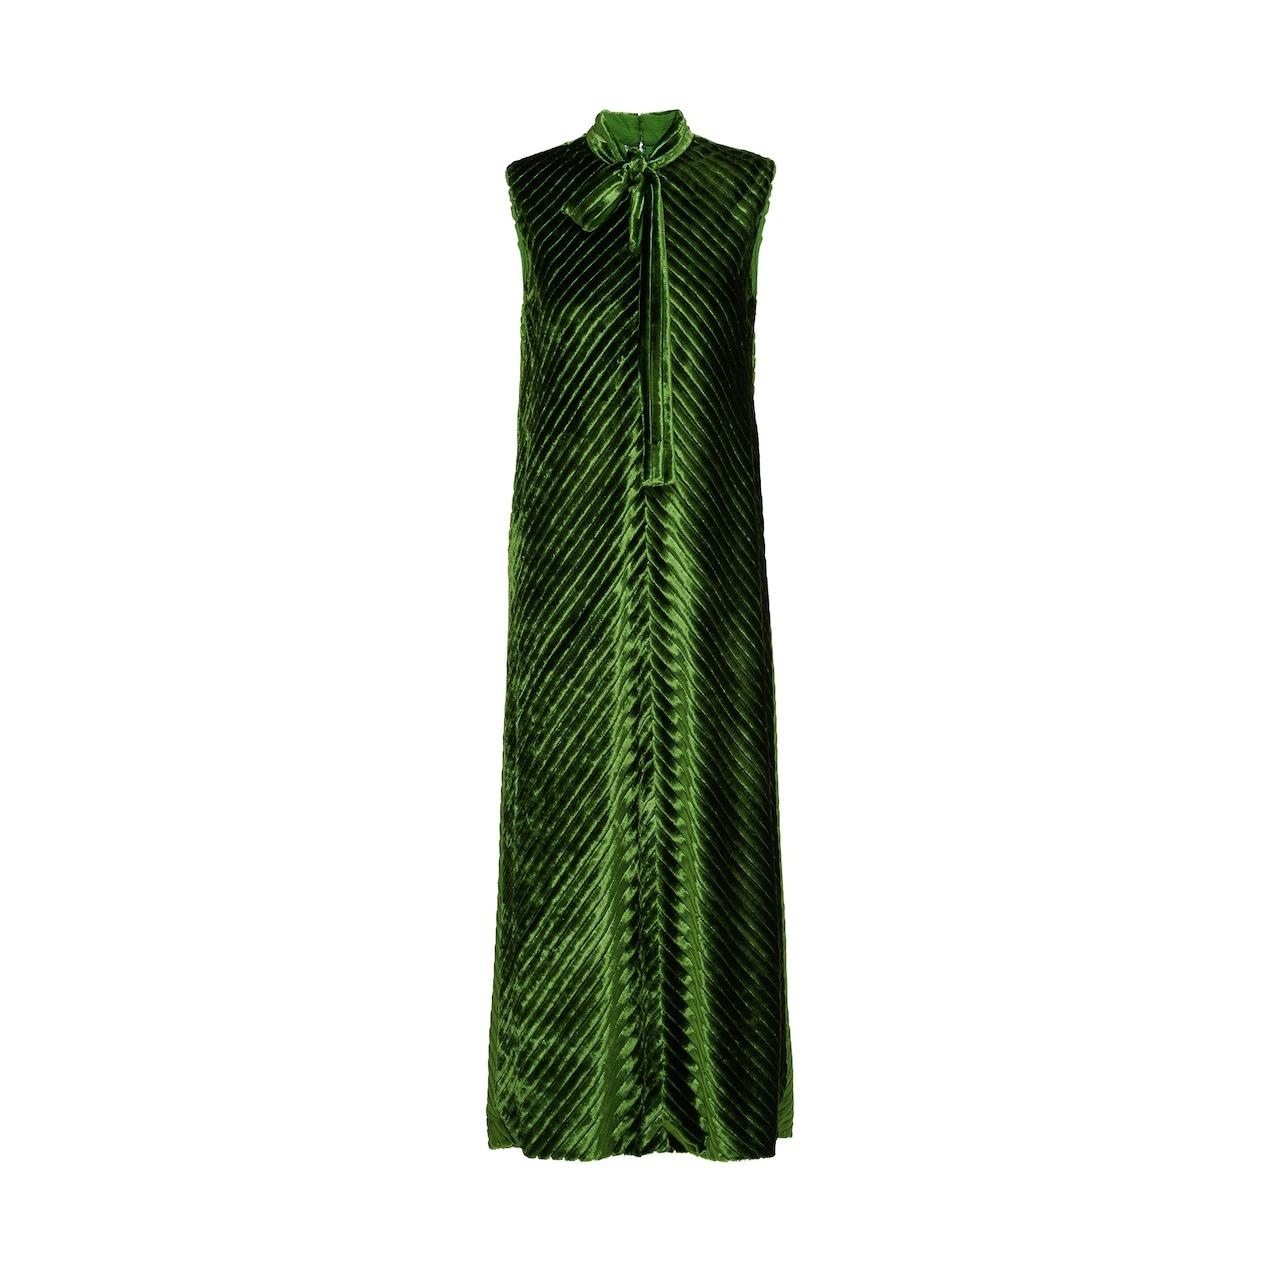 Prada Lux velvet dress 1